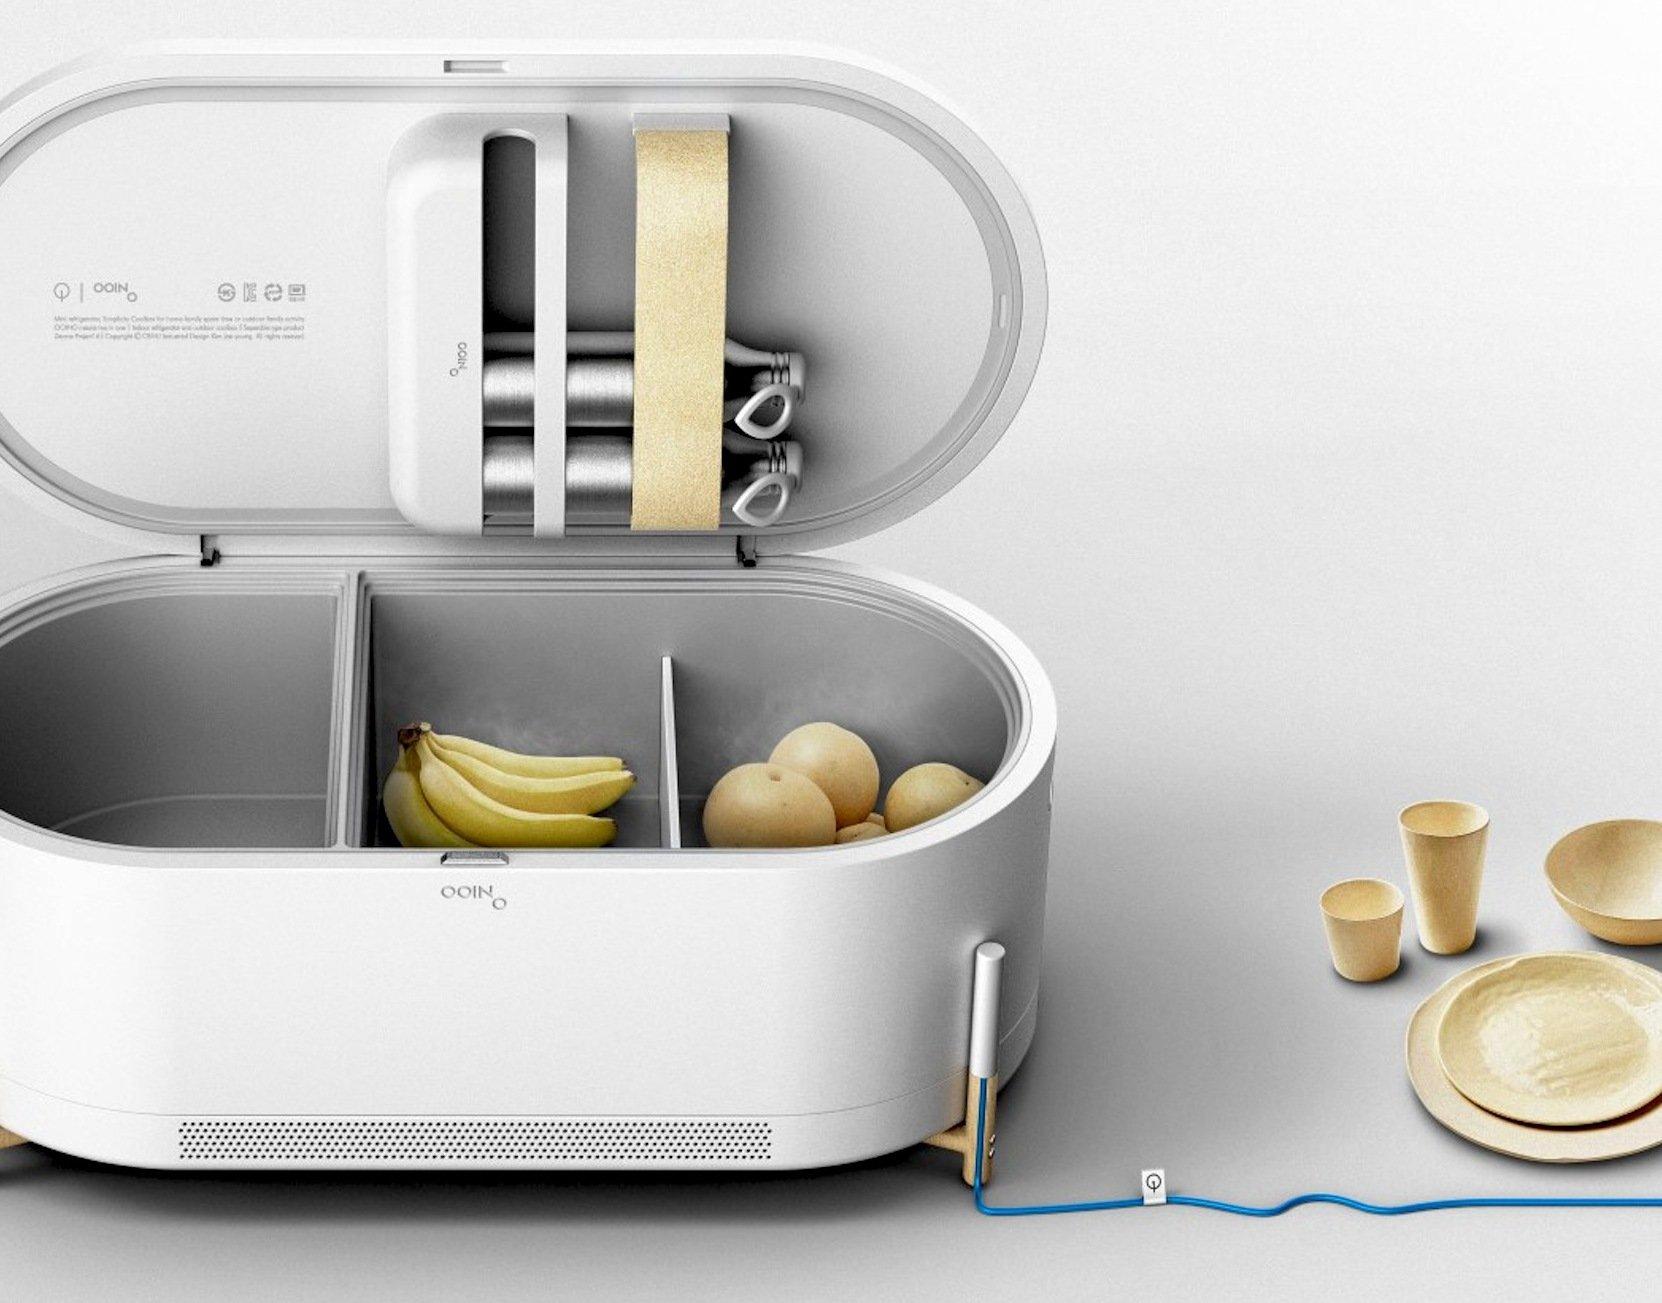 Diese vermeintliche Lautsprecherbox des koreanischen Designers JaeYoung Kimist wirklich ein Kühlschrank, etwa für Gemüse, Obst und Getränke.